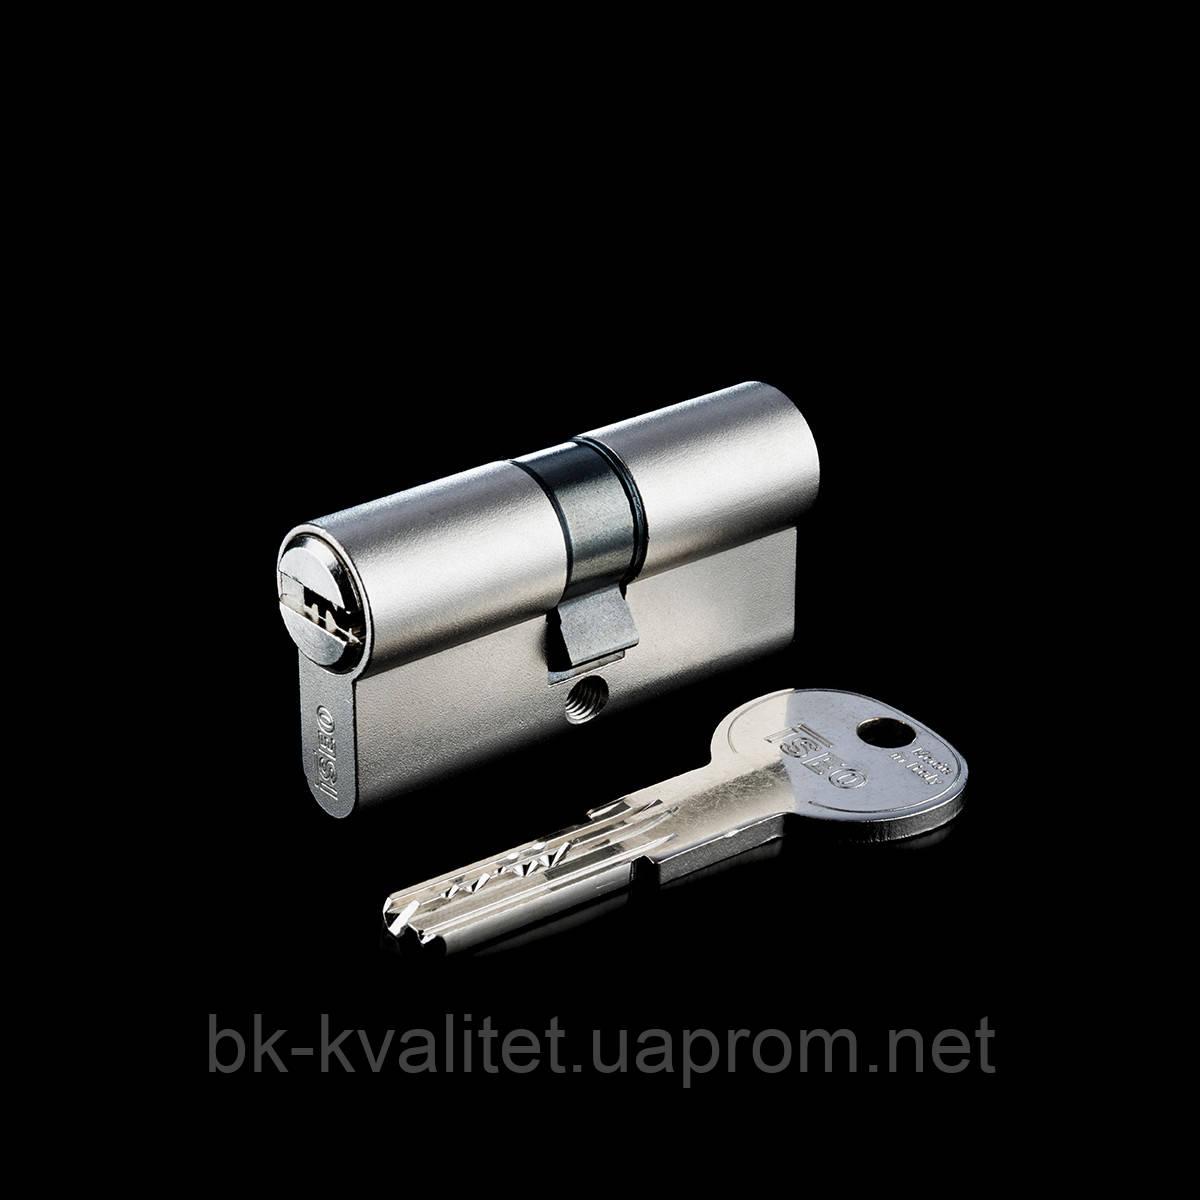 Цилиндр ISEO R6 90 (30х60) ключ/ключ, никель